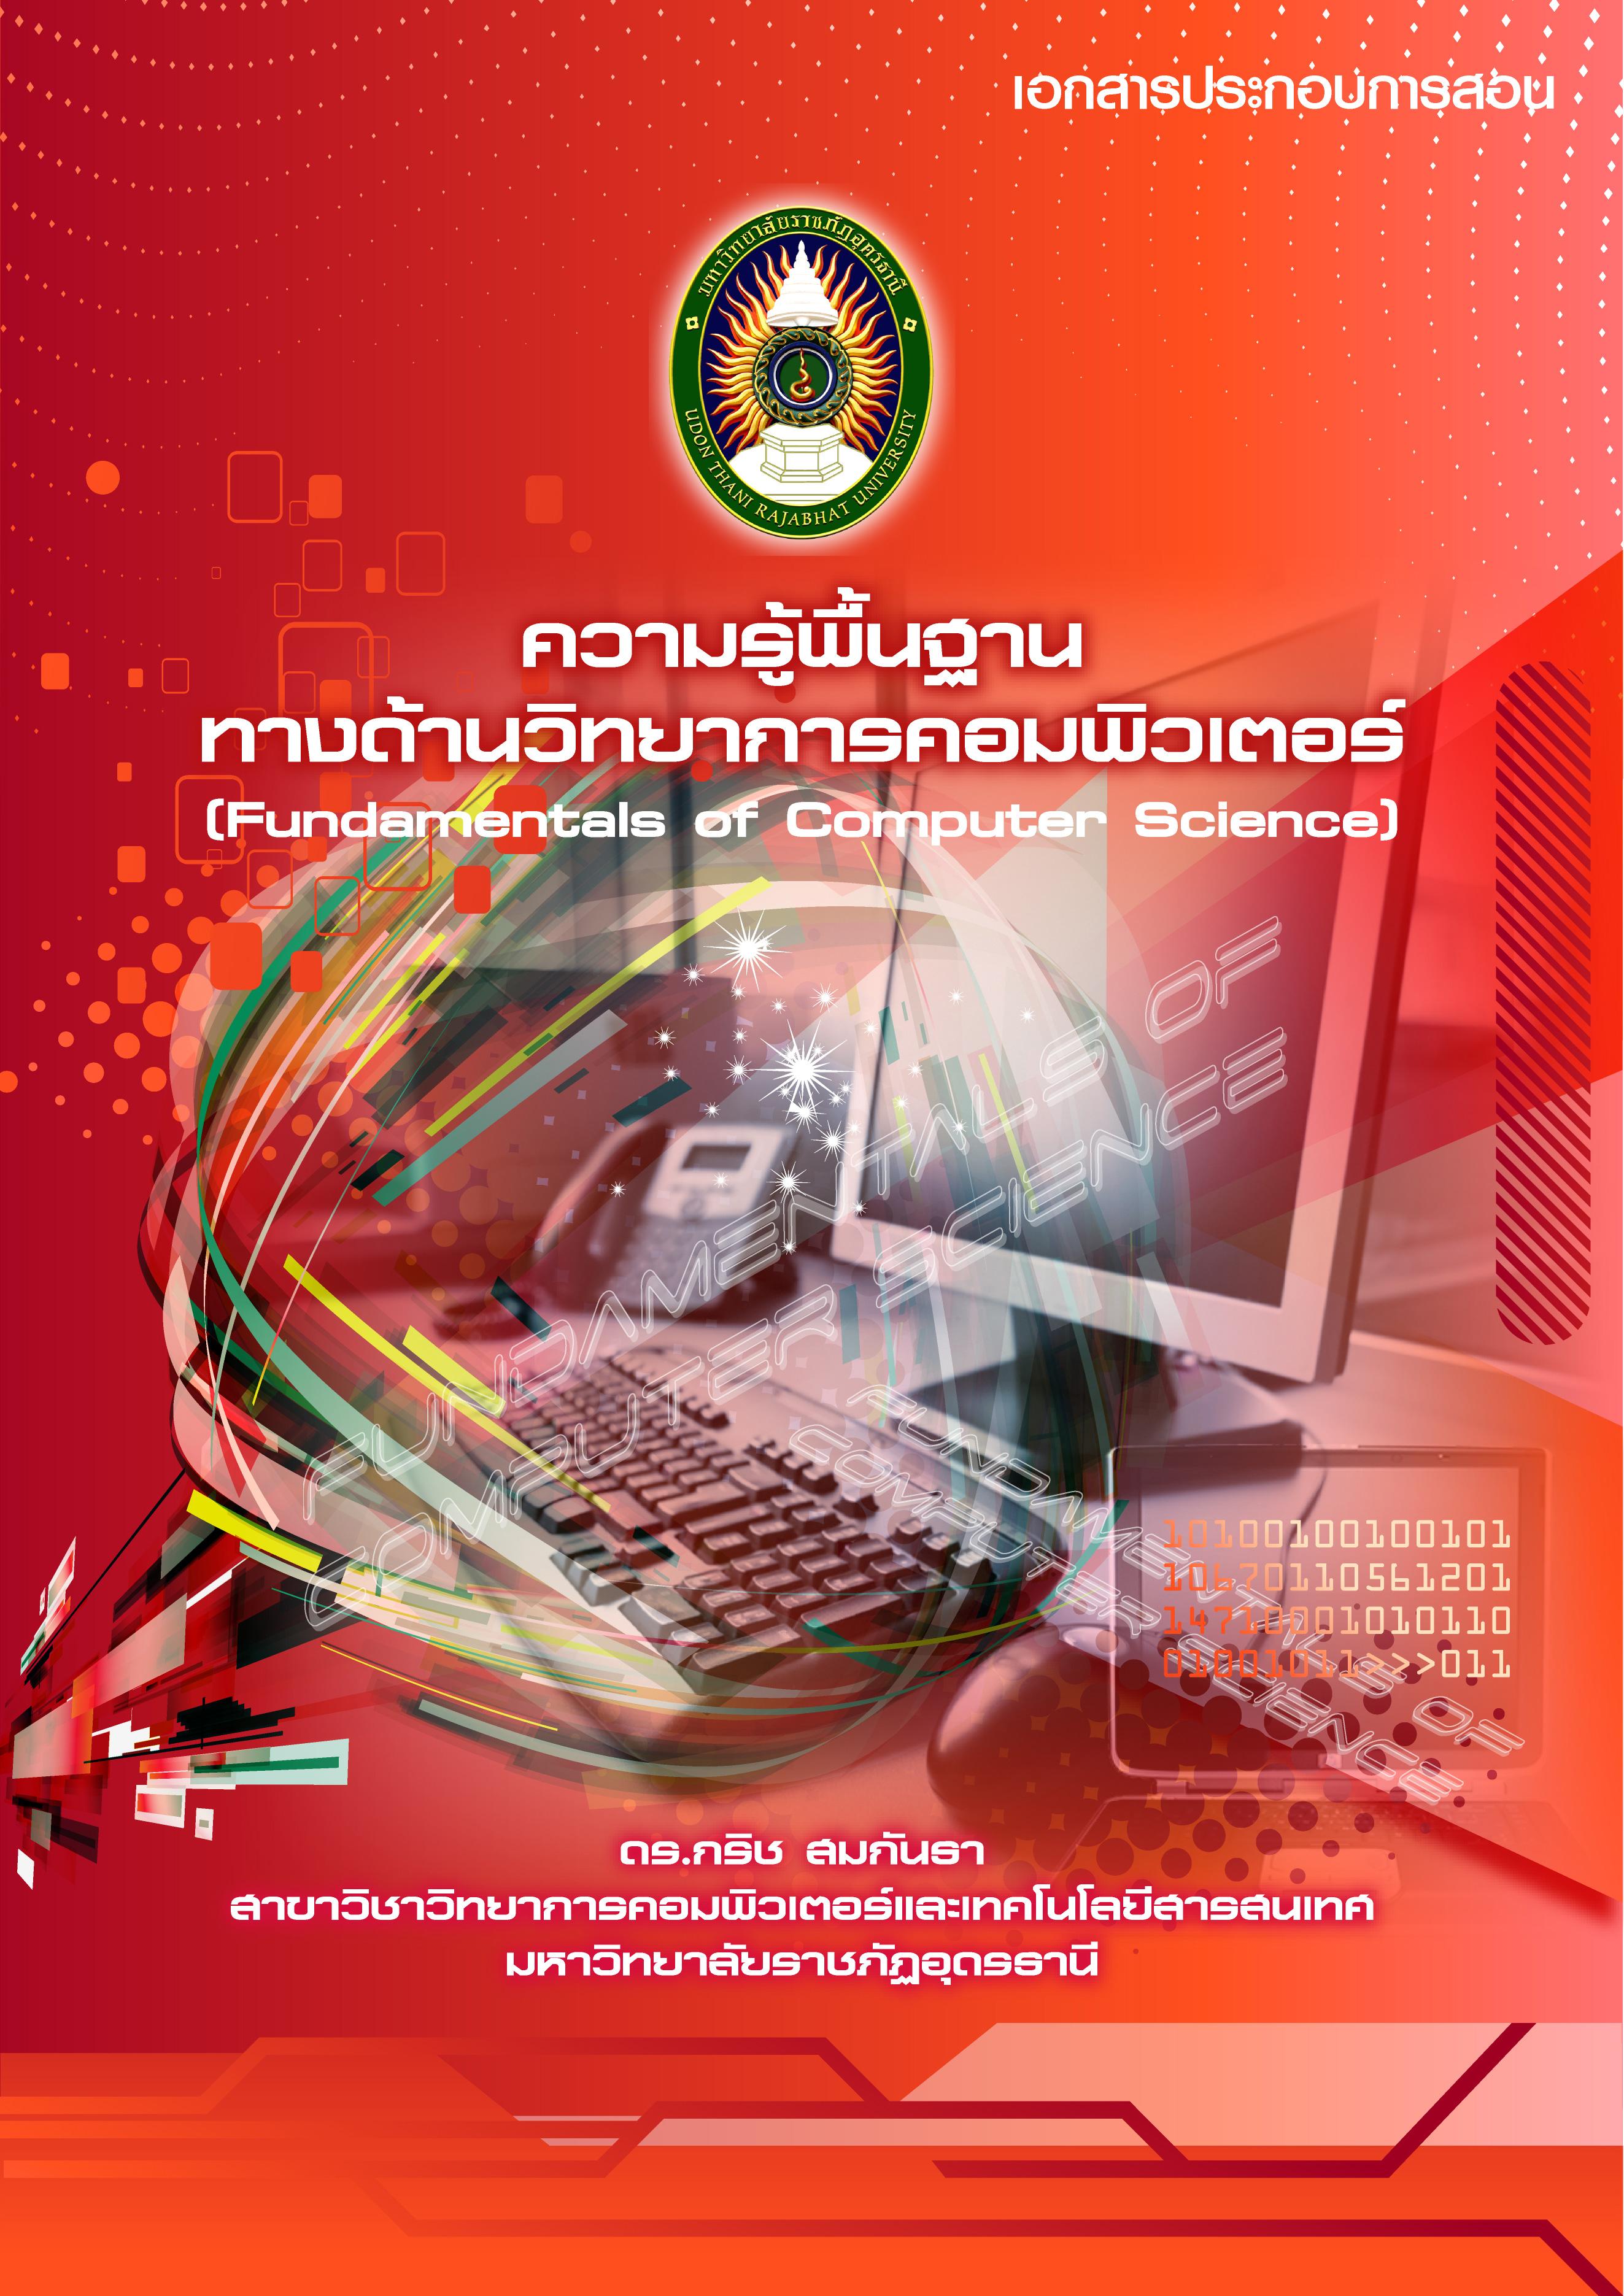 ความรู้พื้นฐานทางด้านวิทยาการคอมพิวเตอร์  (Fundamentals of Computer Science)